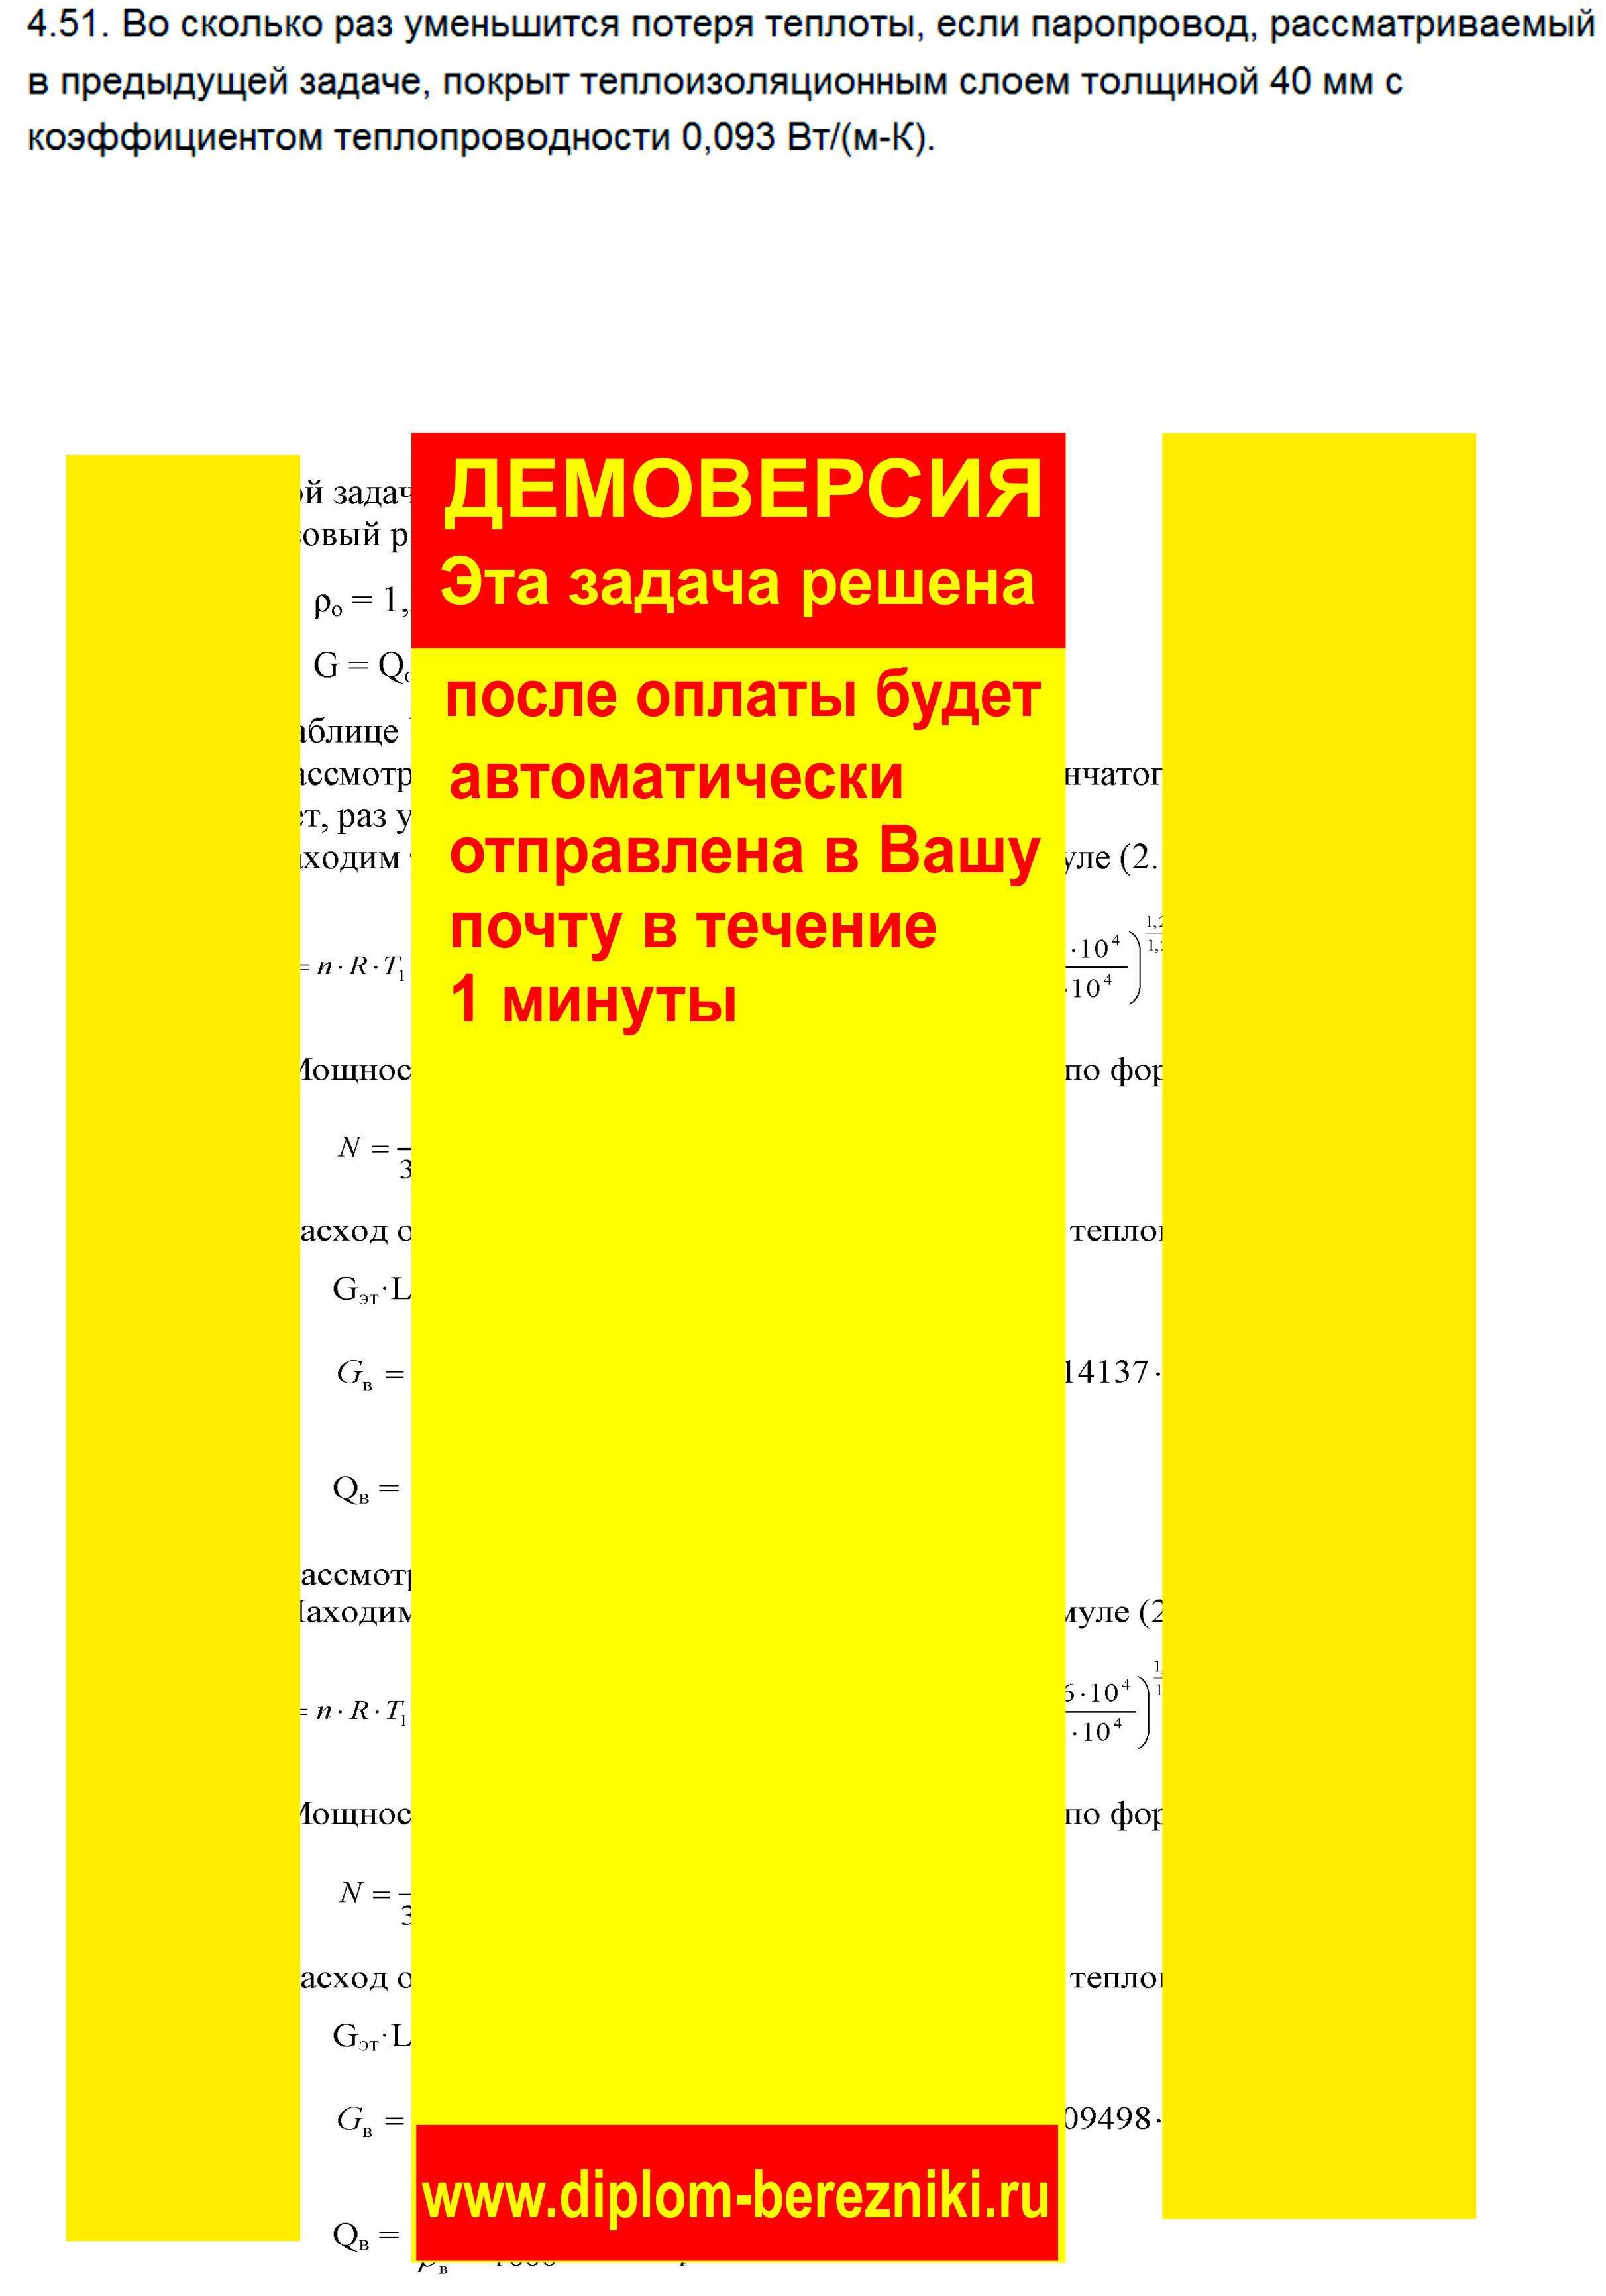 Решение задачи 4.51 по ПАХТ из задачника Павлова Романкова Носкова